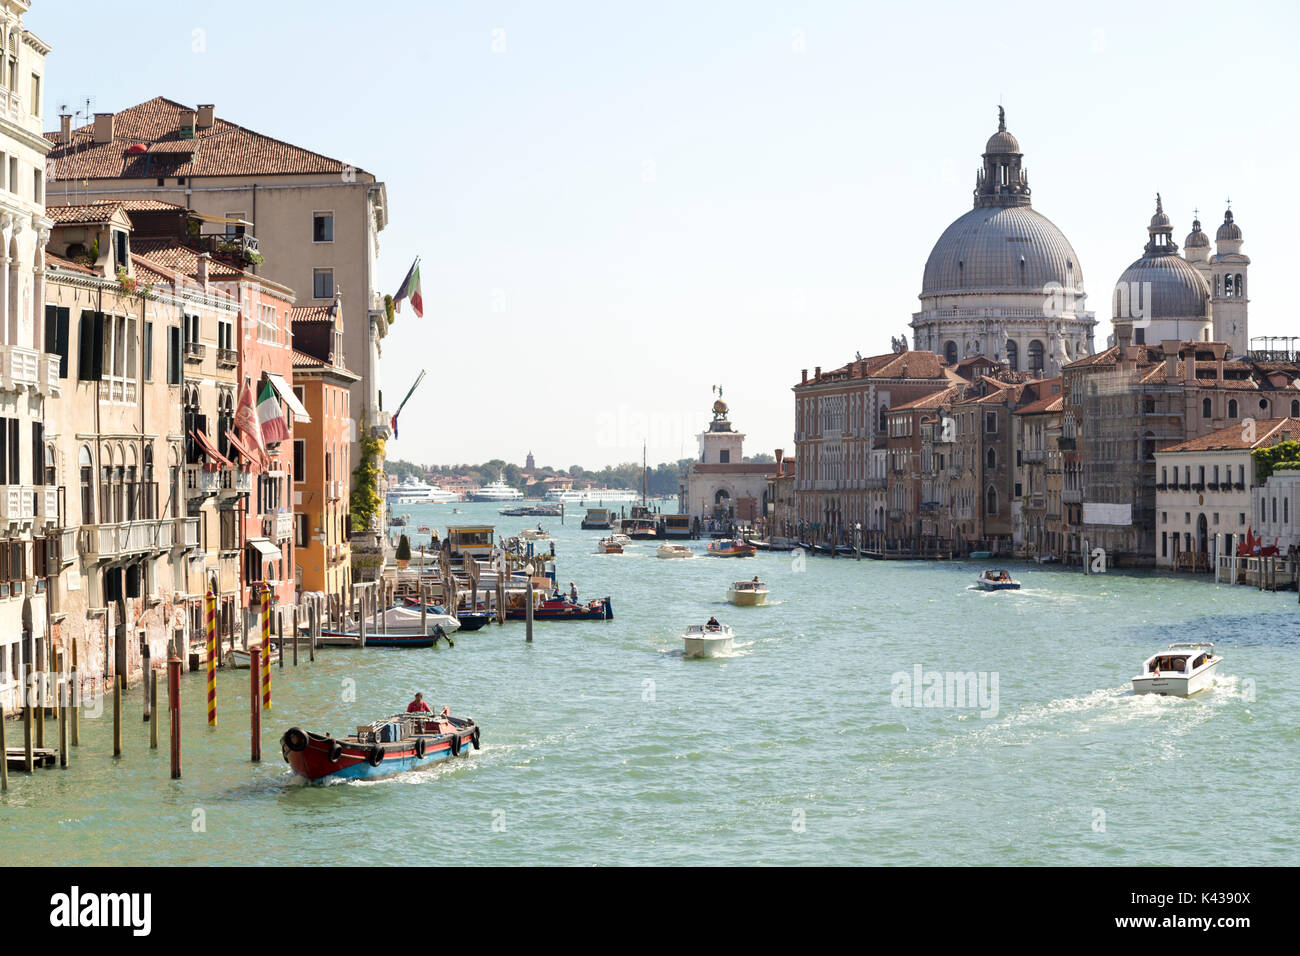 Italy, Venice, view from the Ponte Dell'Accademia down the Grand Canal towards the Basilica di Santa Maria della Stock Photo